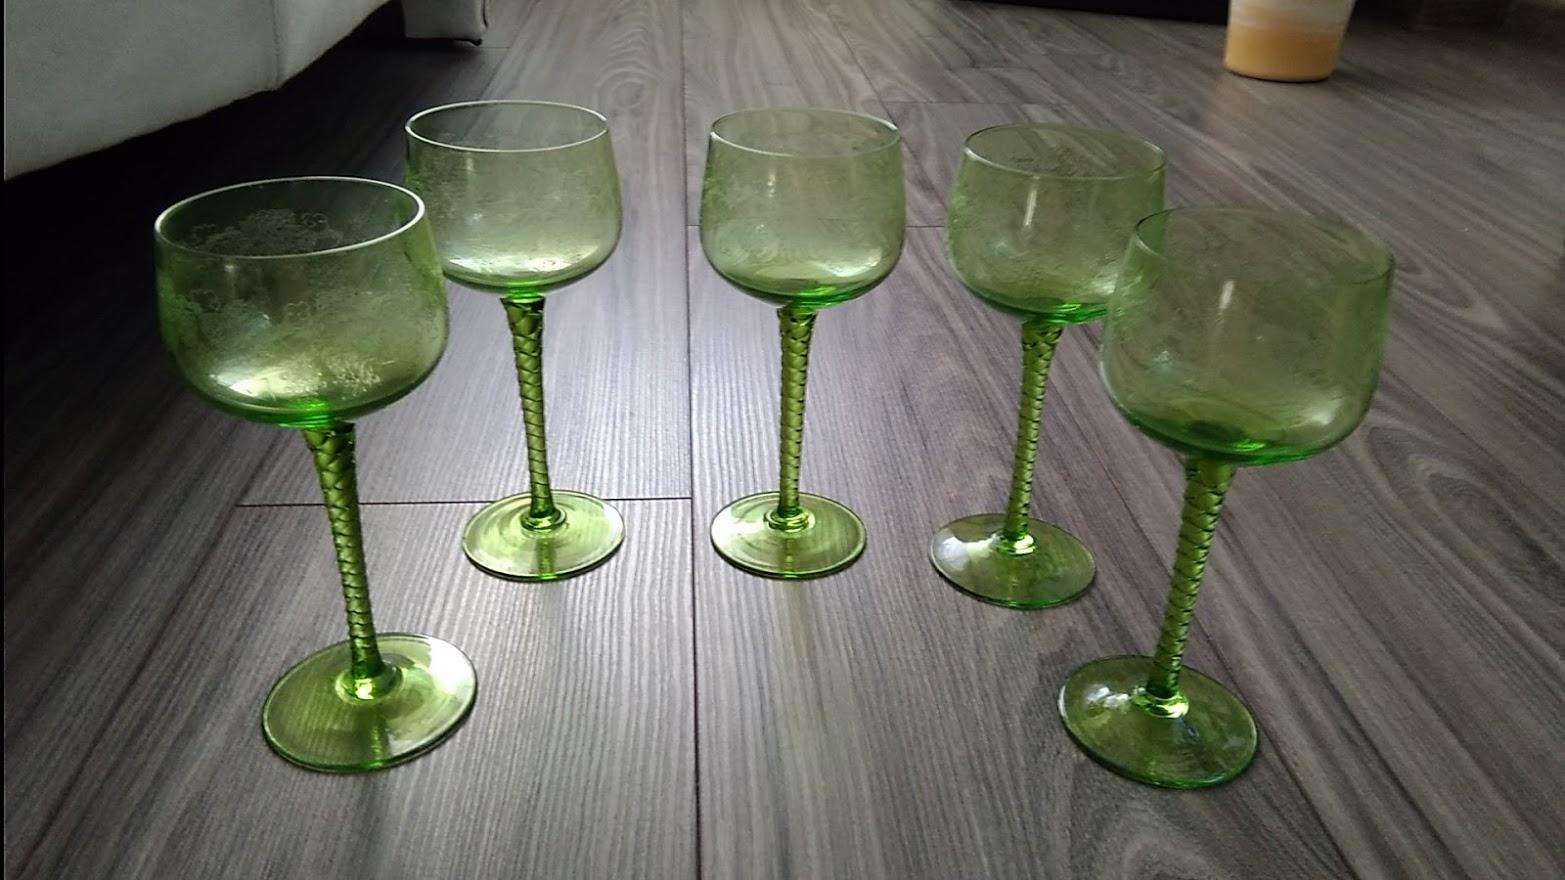 40 ročné vínové poháre - Obrázok č. 2